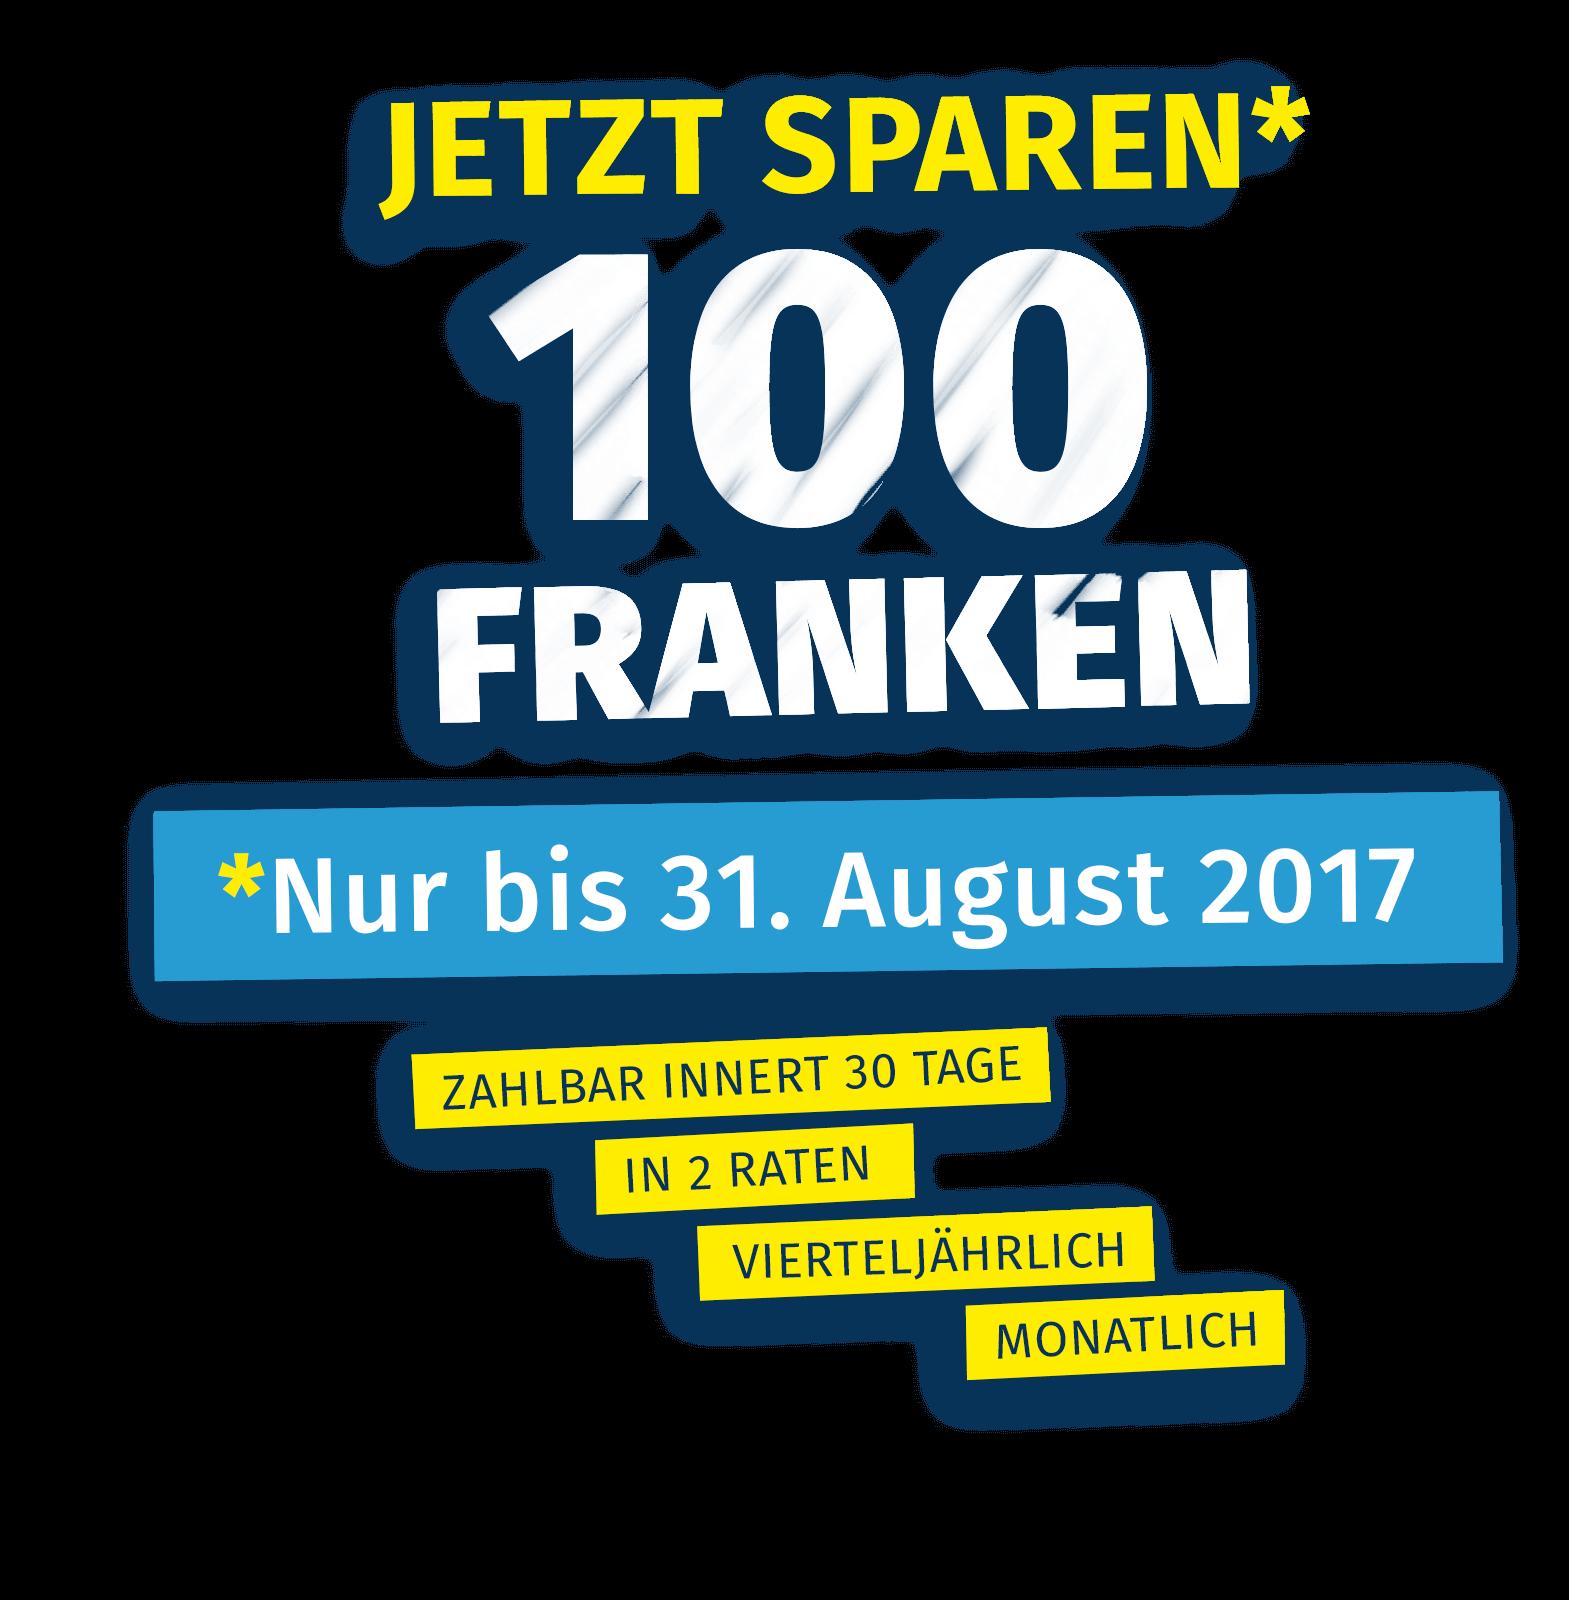 uk160125_00_fitnessas_bild_100frankensparen-1004x1024